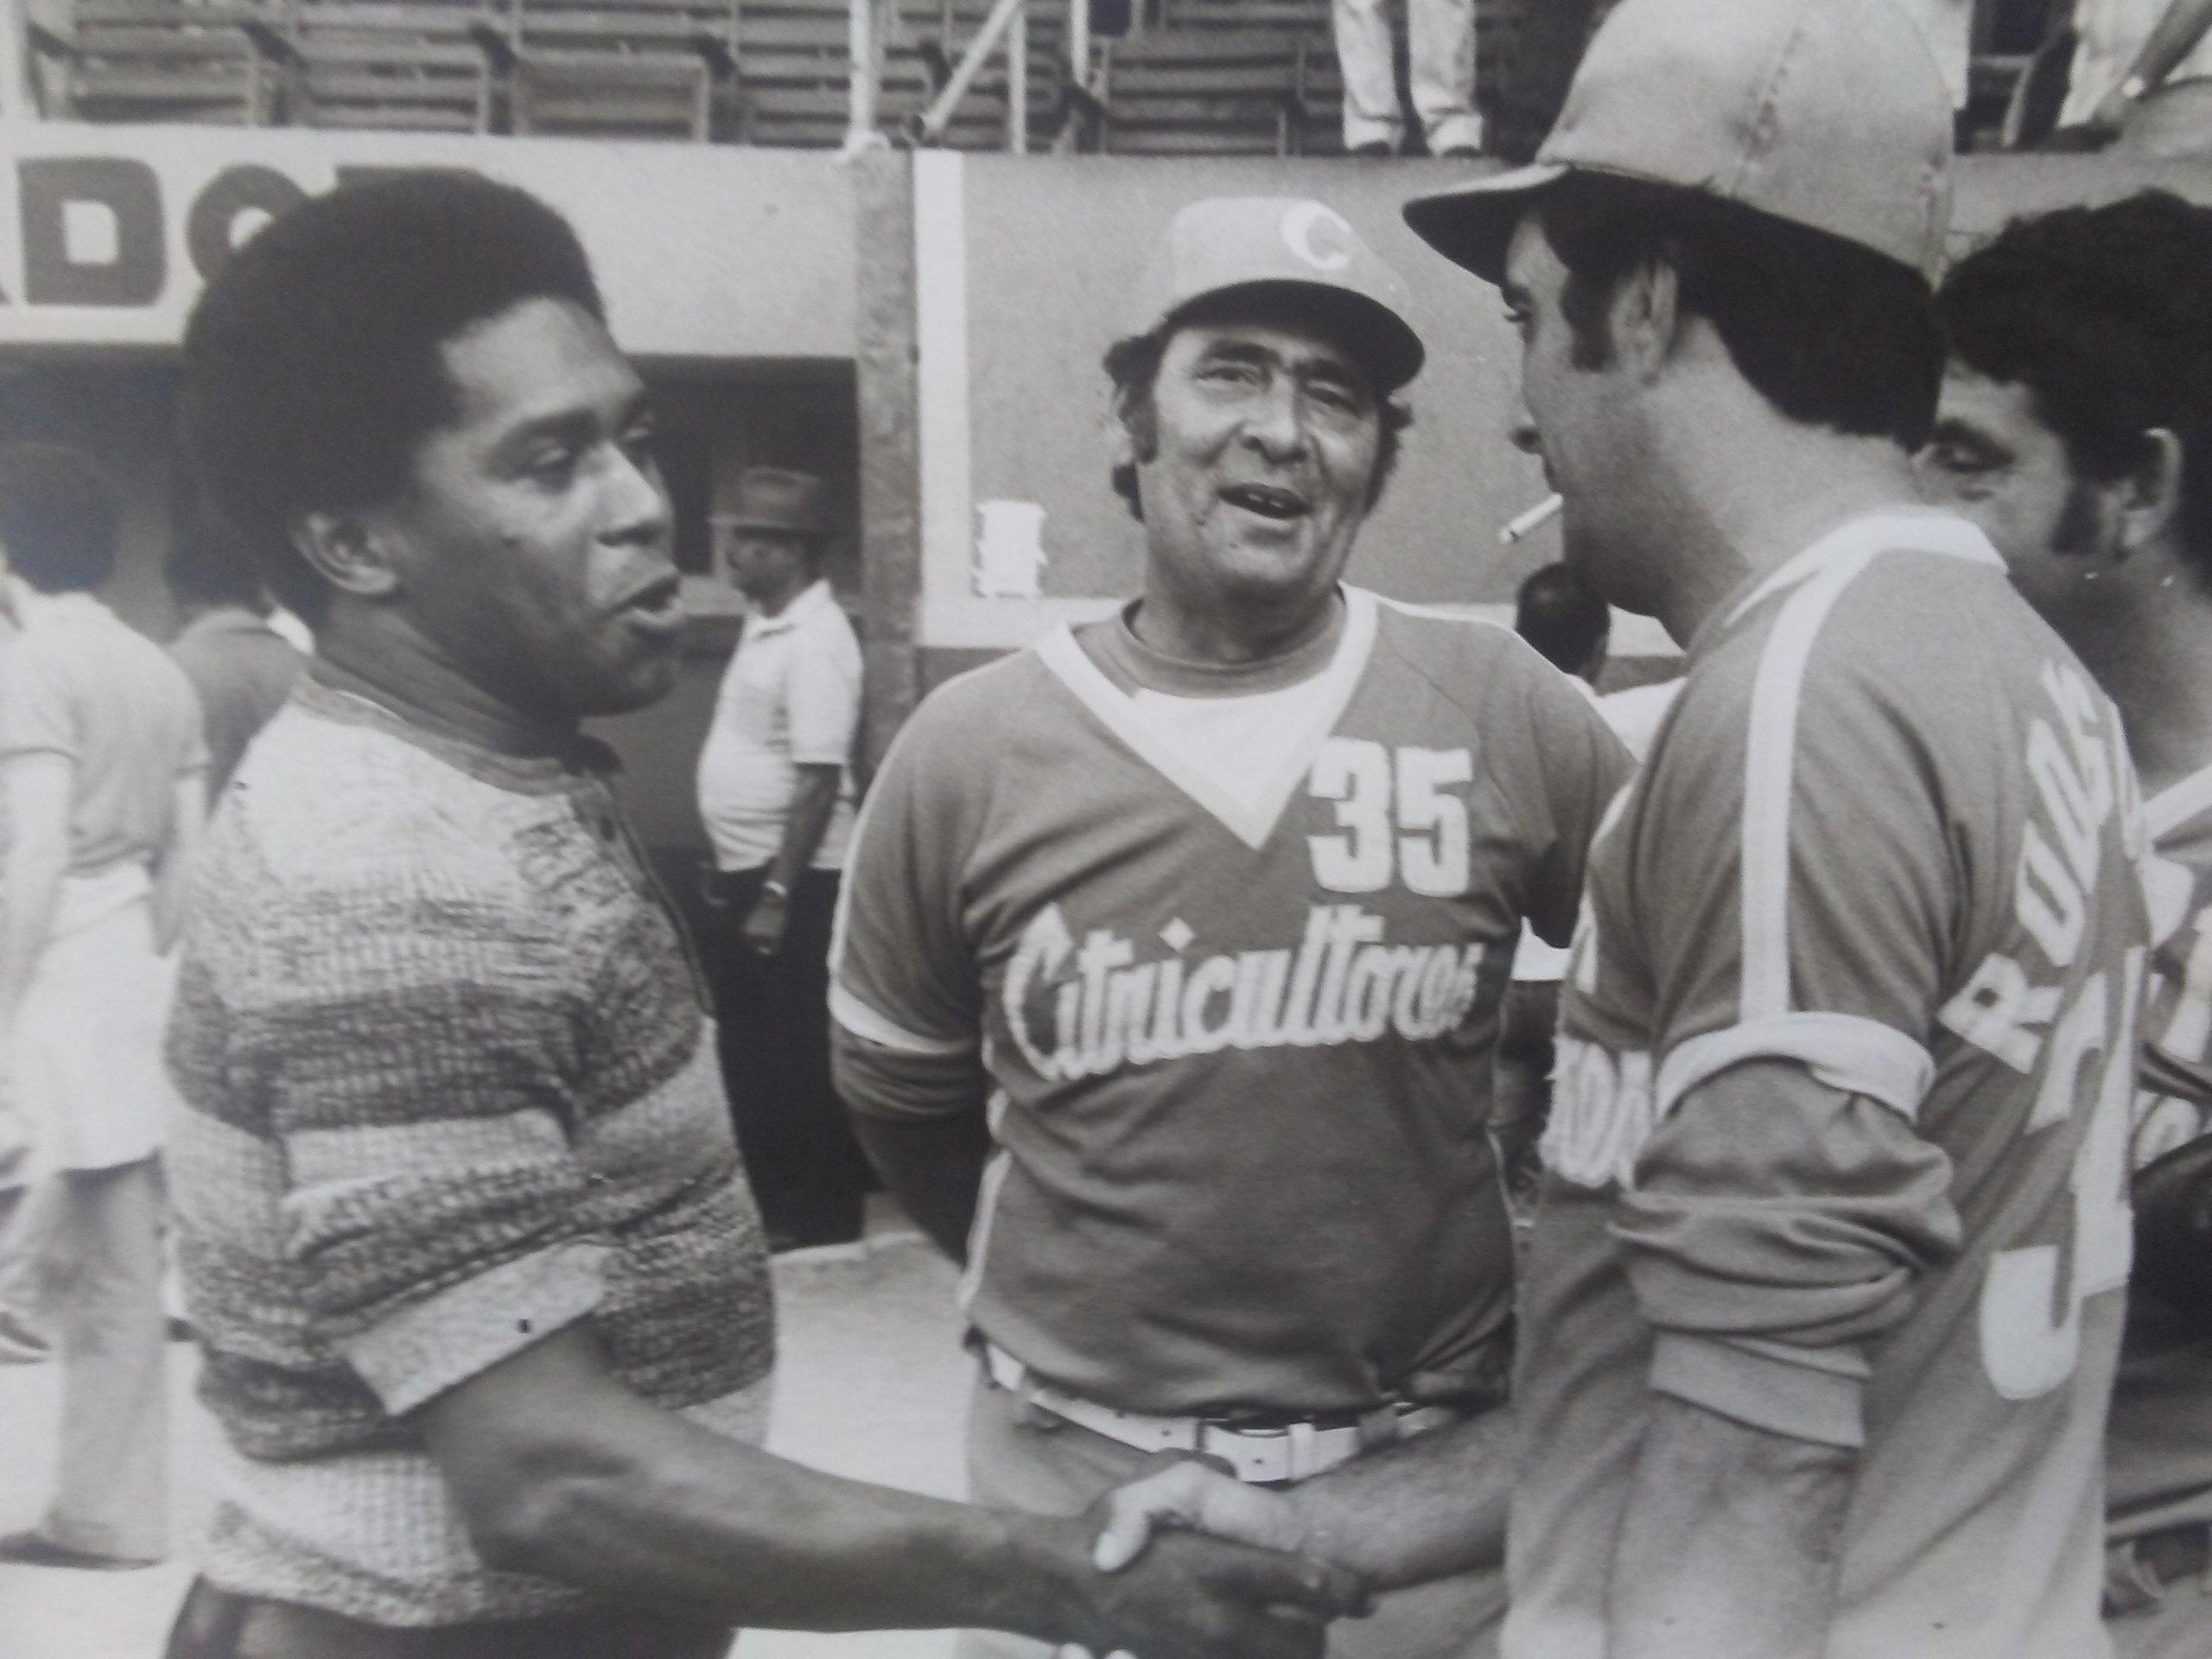 Tomás Soto (al centro) marcó un época al frente de Citricultores a inicios de los 80. Foto: Cortesía de Tomás Soto.